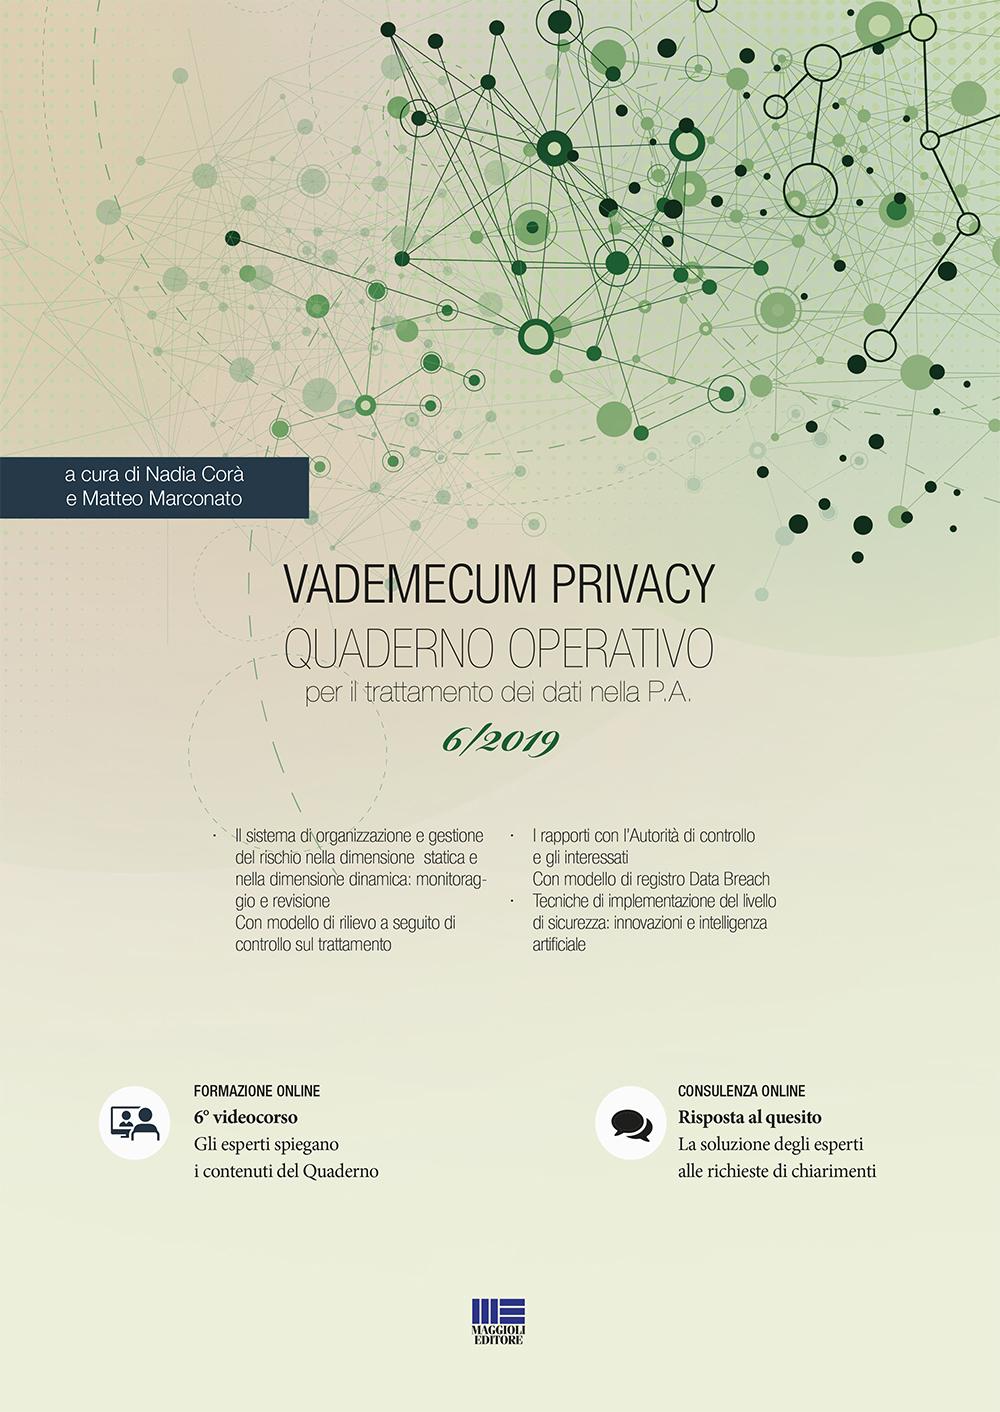 Vademecum privacy. Quaderno operativo 6/2019